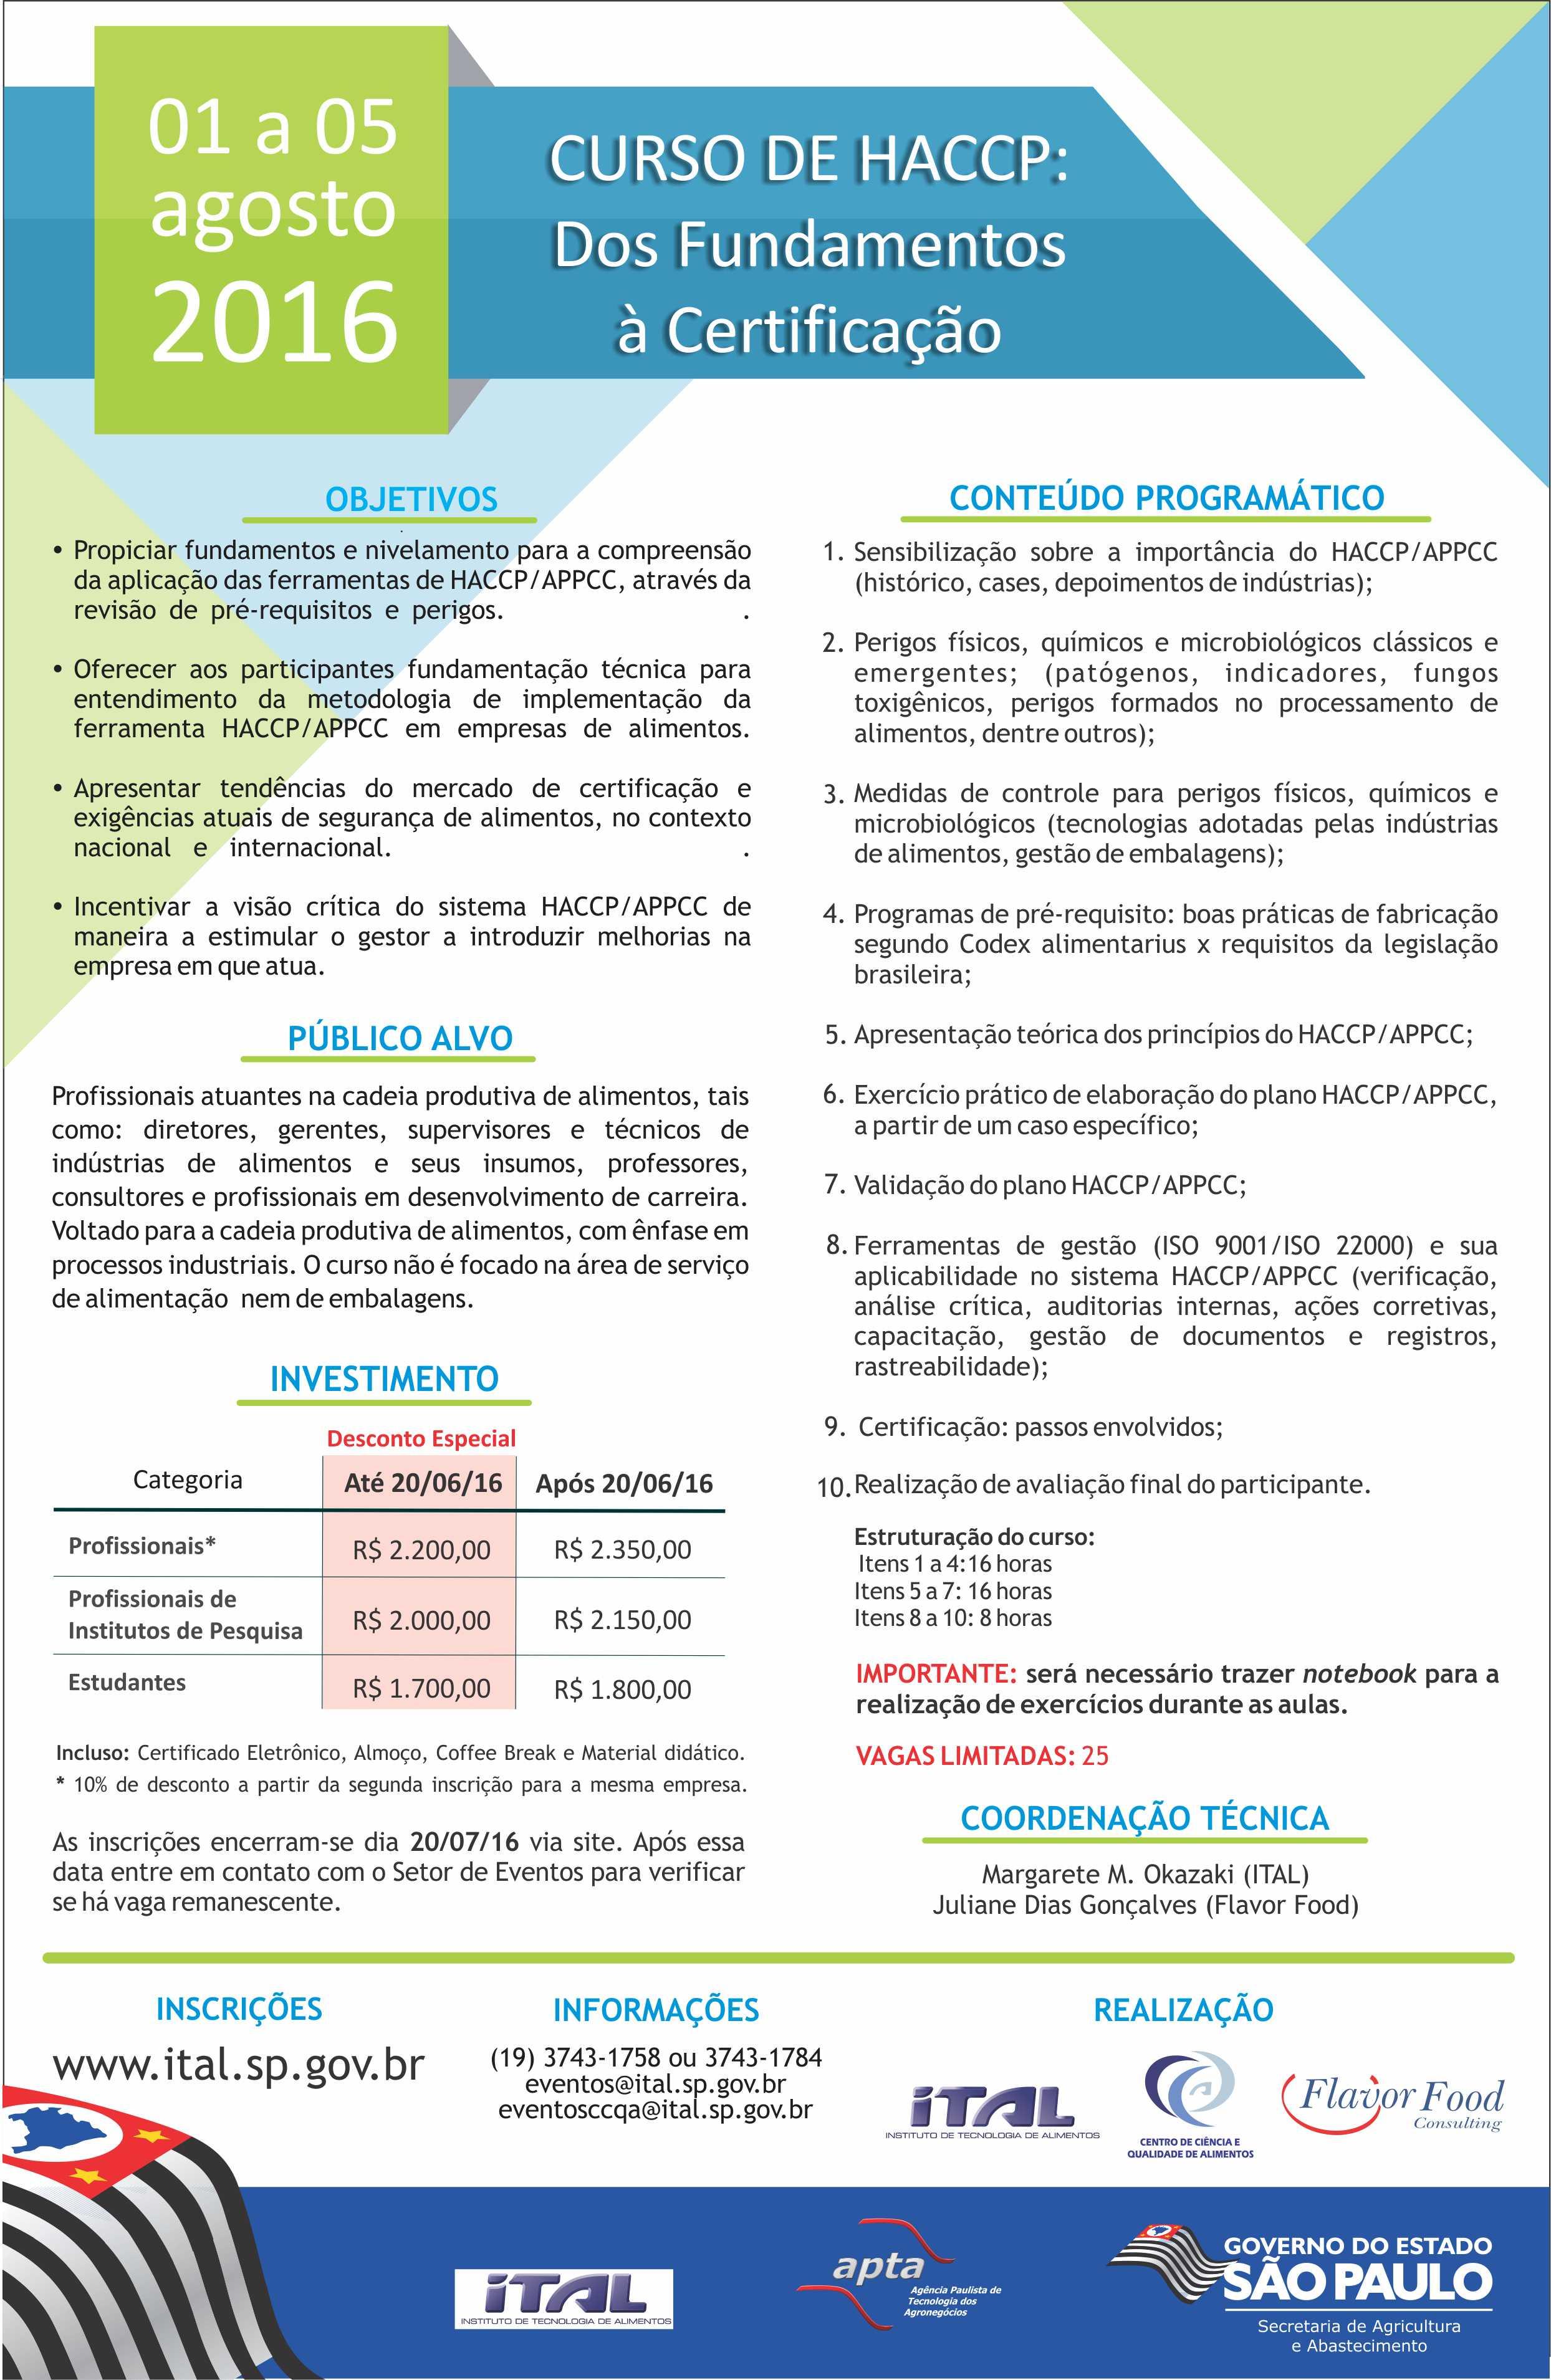 featured image HACCP – dos fundamentos à certificação em sua oitava edição